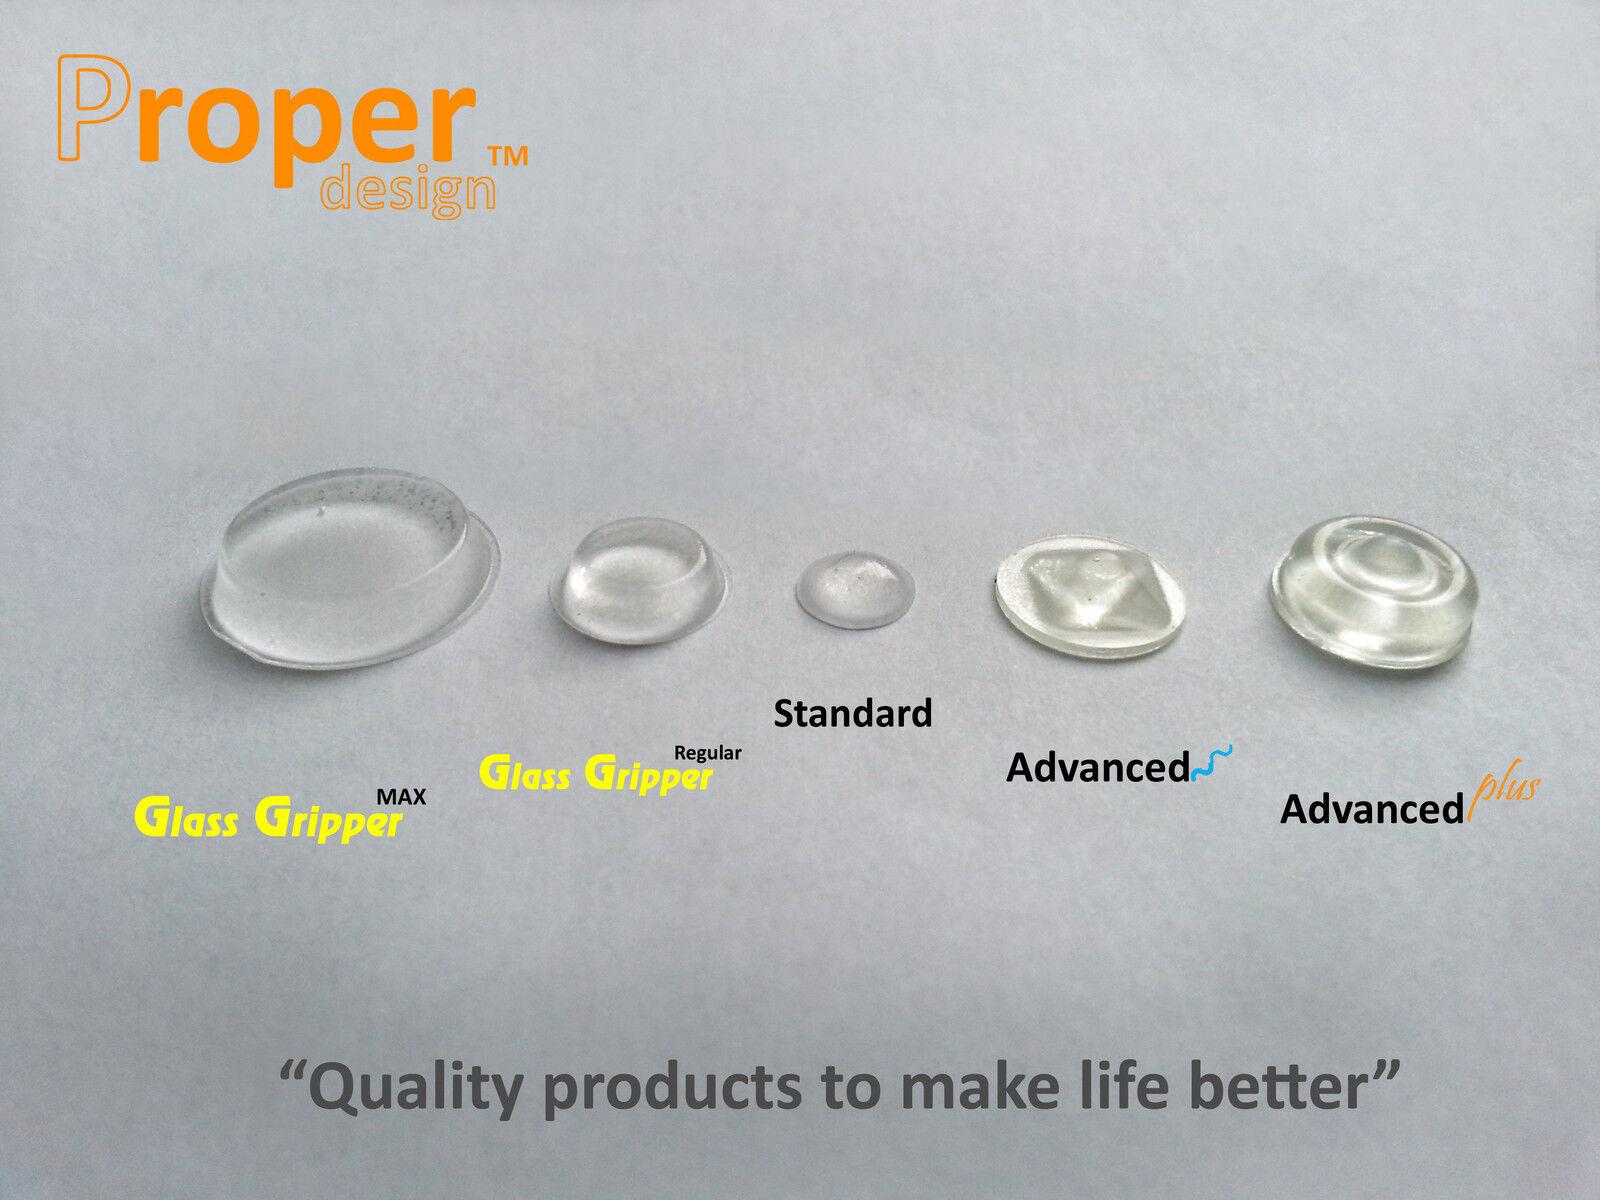 de 10 x 2 mm  Self adhesive silicone bumper Topes adhesivos de silicona 50un